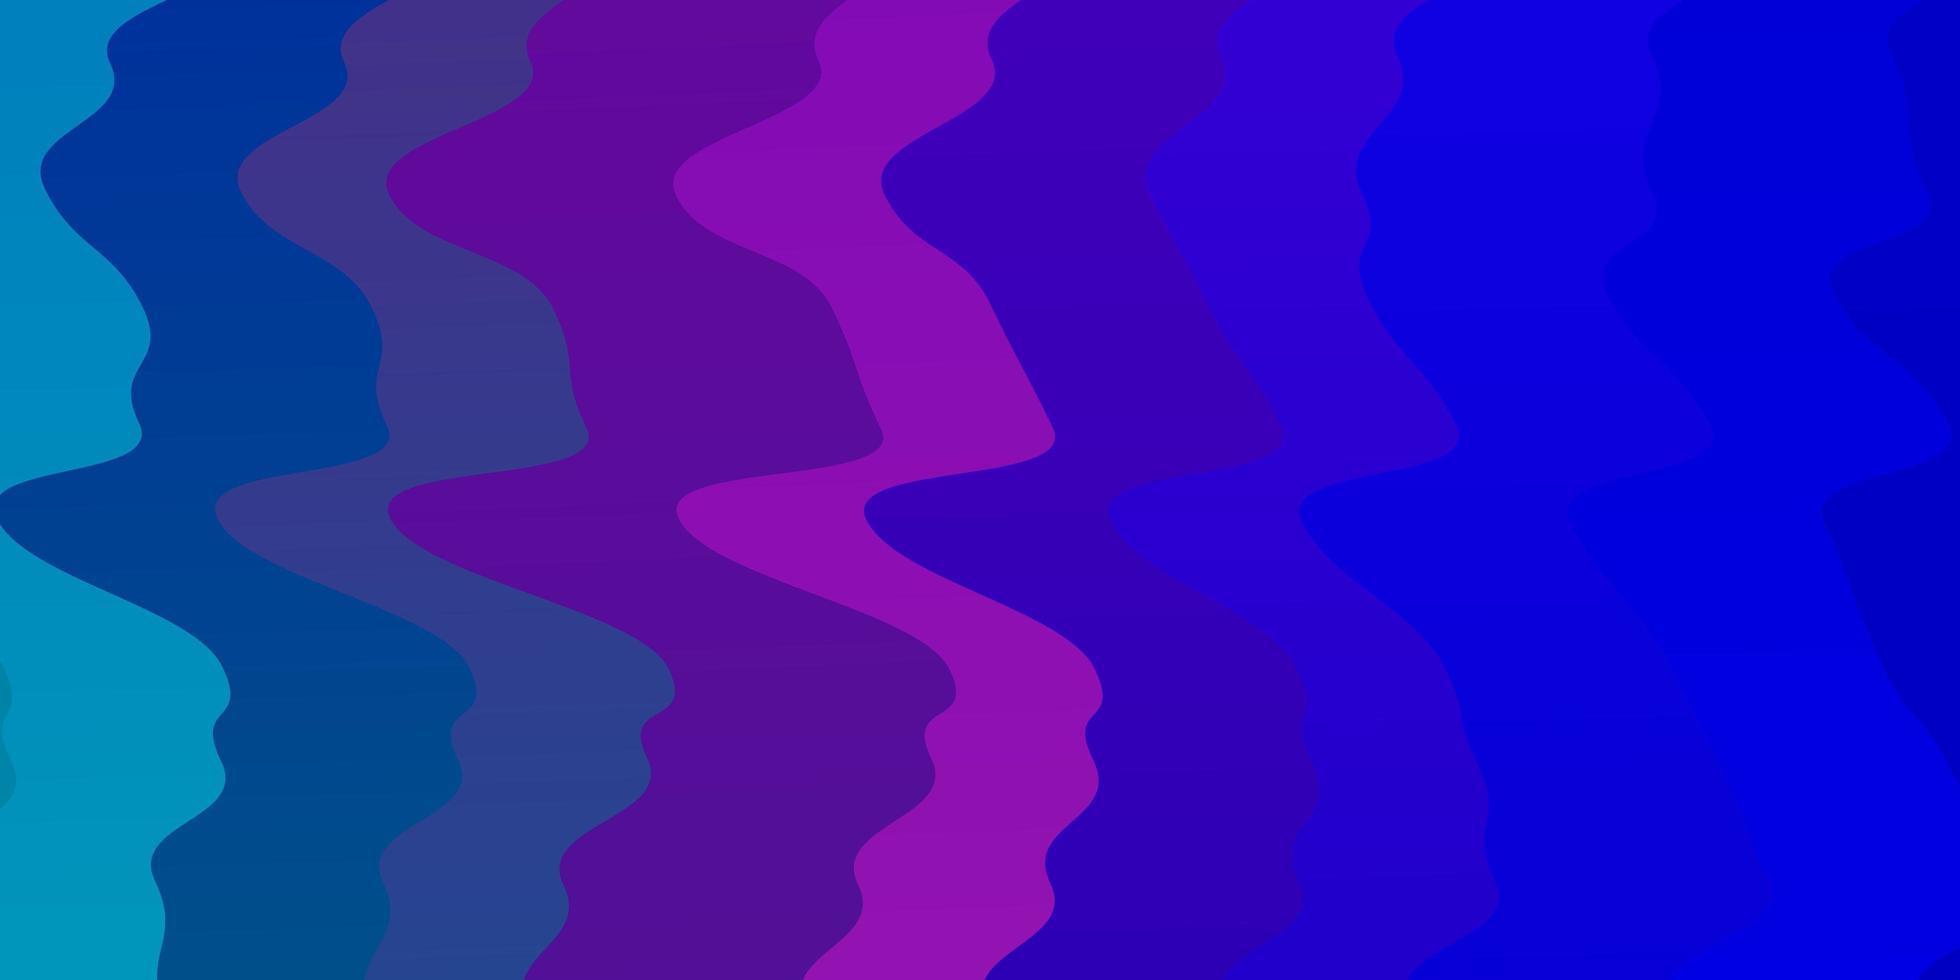 disposition bleu clair, rose avec des courbes. vecteur